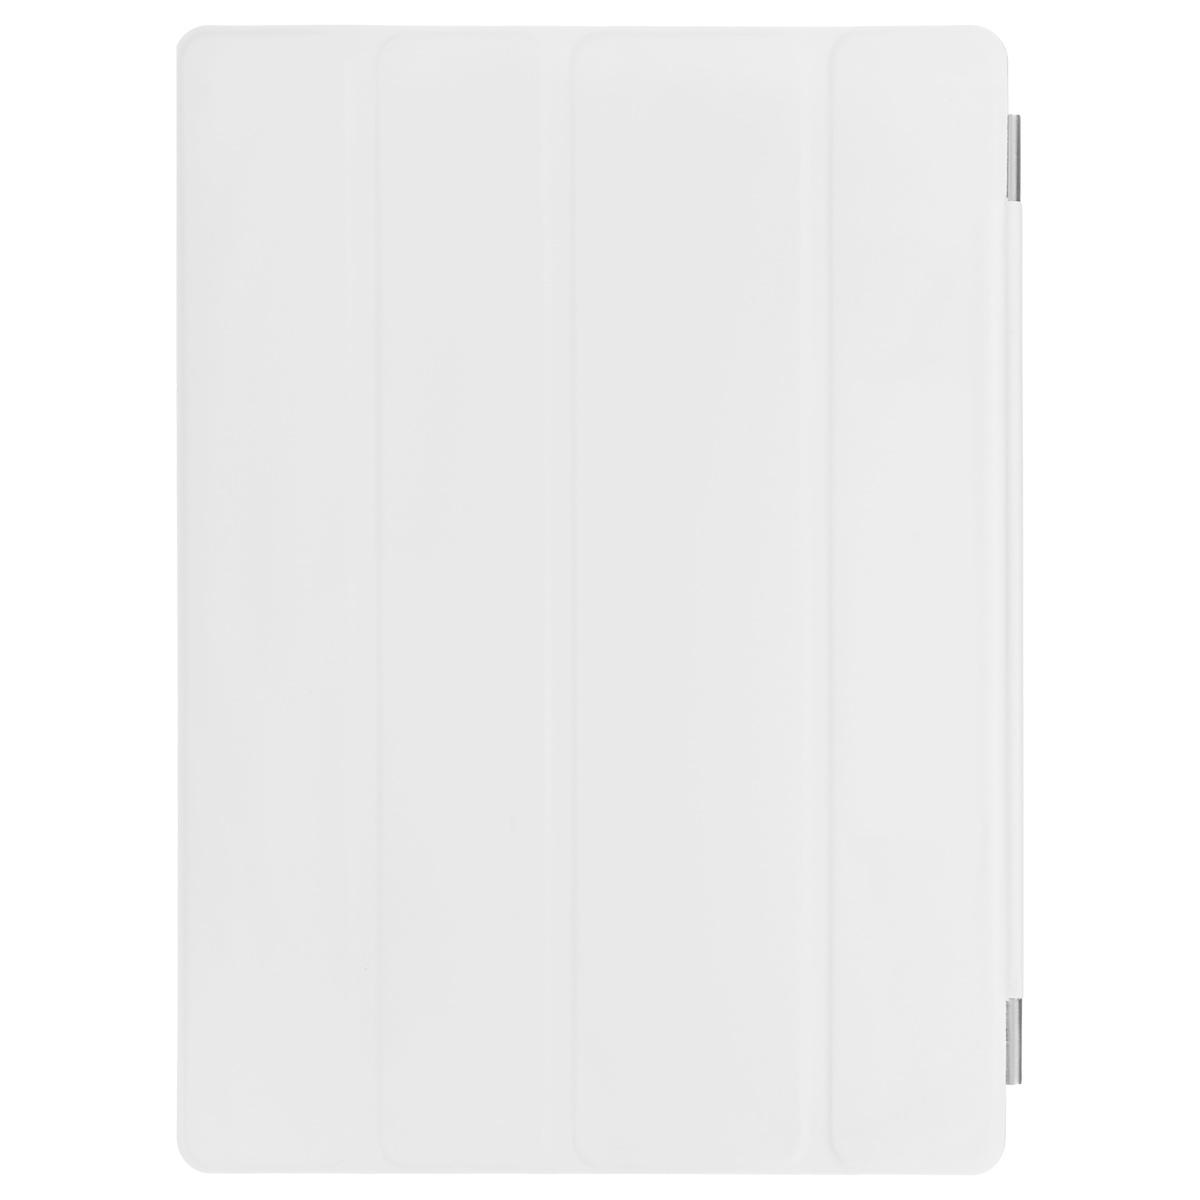 Black Horns обложка на экран для iPad, White (BH-iD2301)BH-iD2301( R)Обложка на экран Black Horns для iPad2 разработана специально для защиты экрана вашего планшета от пыли, царапин и потертостей. Обложка надежно крепится к iPad2 при помощи магнитов, автоматически выводит планшет из режима сна при открытии. Также ее можно использоваться как подставку для набора текста.